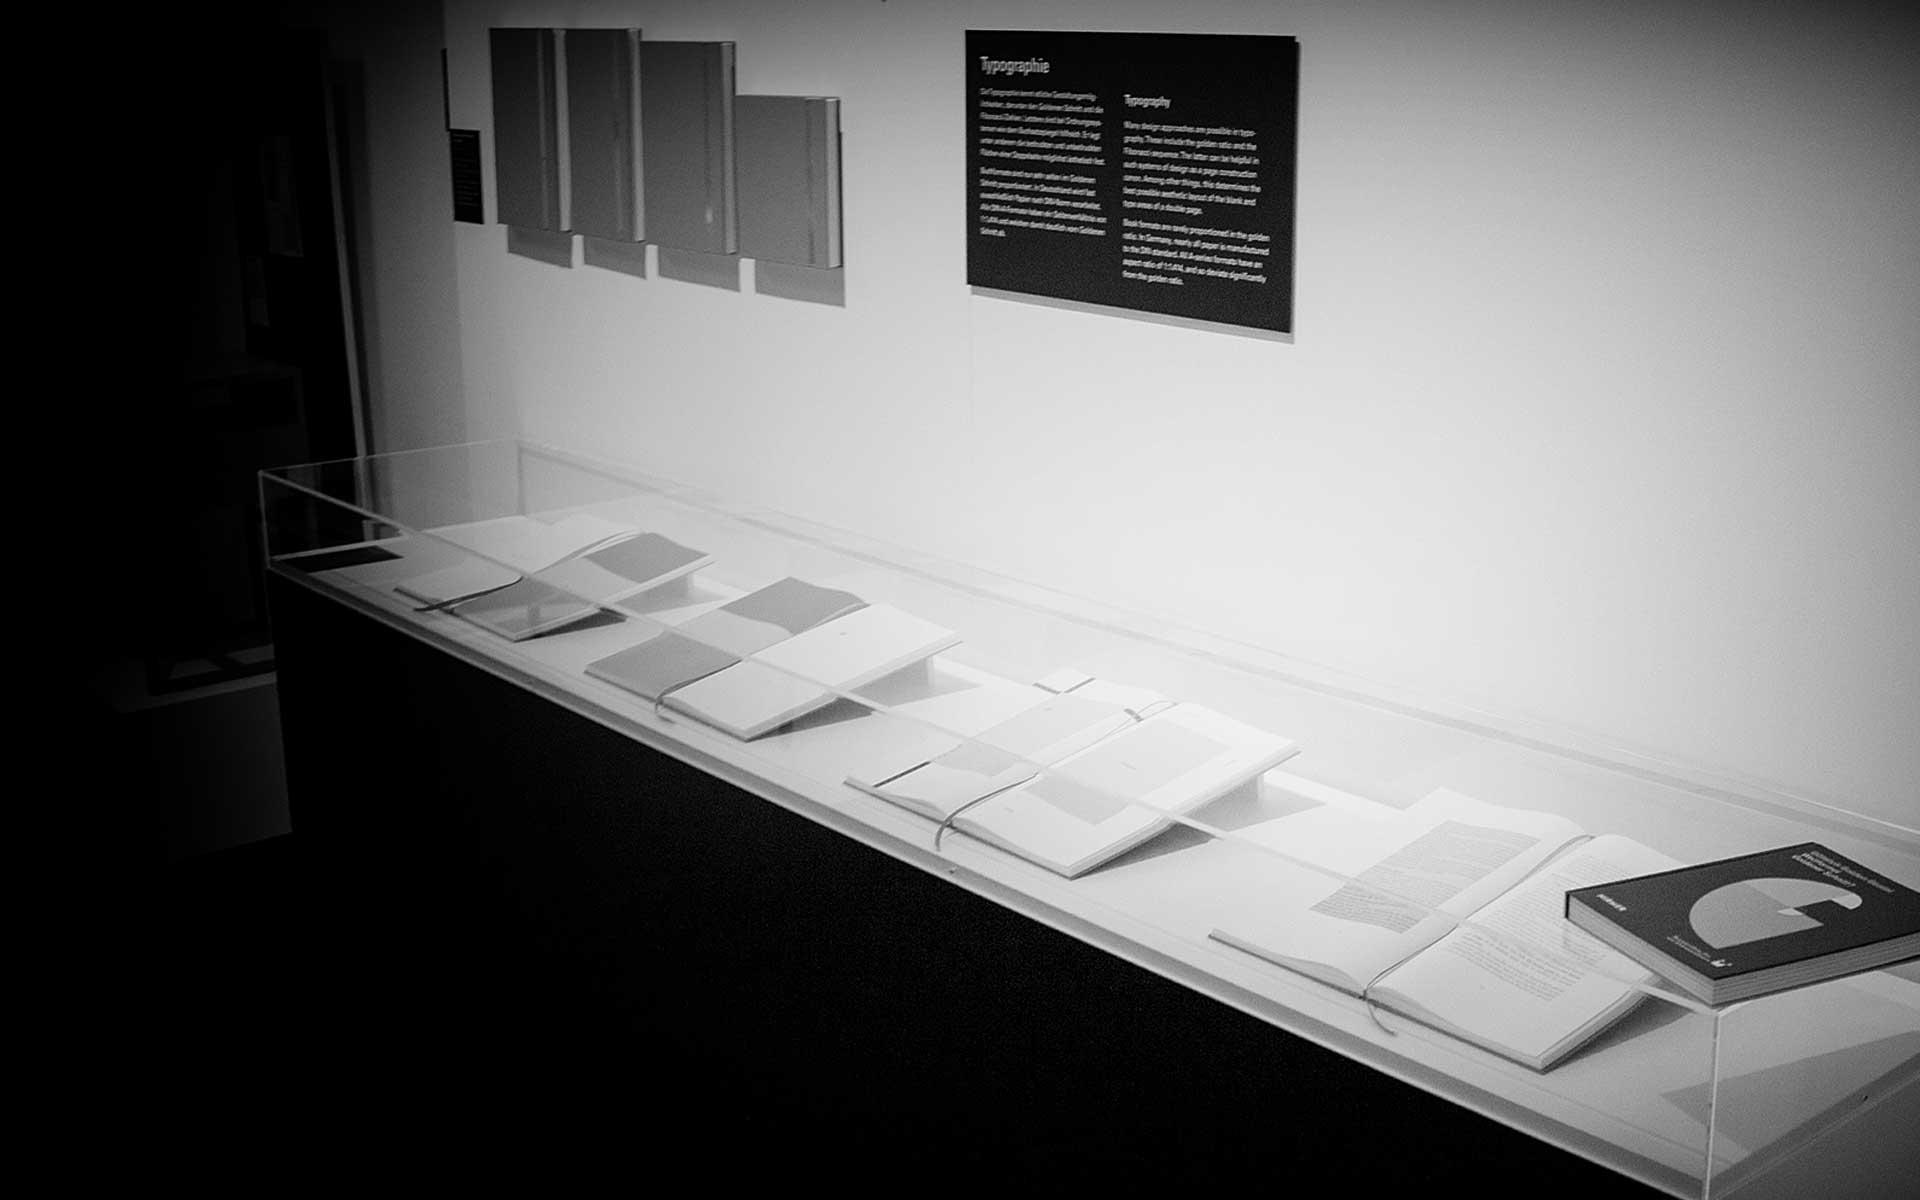 Museum für Kommunikation, Buchsatzspiegel nach dem Goldenen Schnitt, Ausstellung »Göttlich Golden Genial. Weltformel Goldener Schnitt?« vom 9.9.2016 bis 26.2.2017.